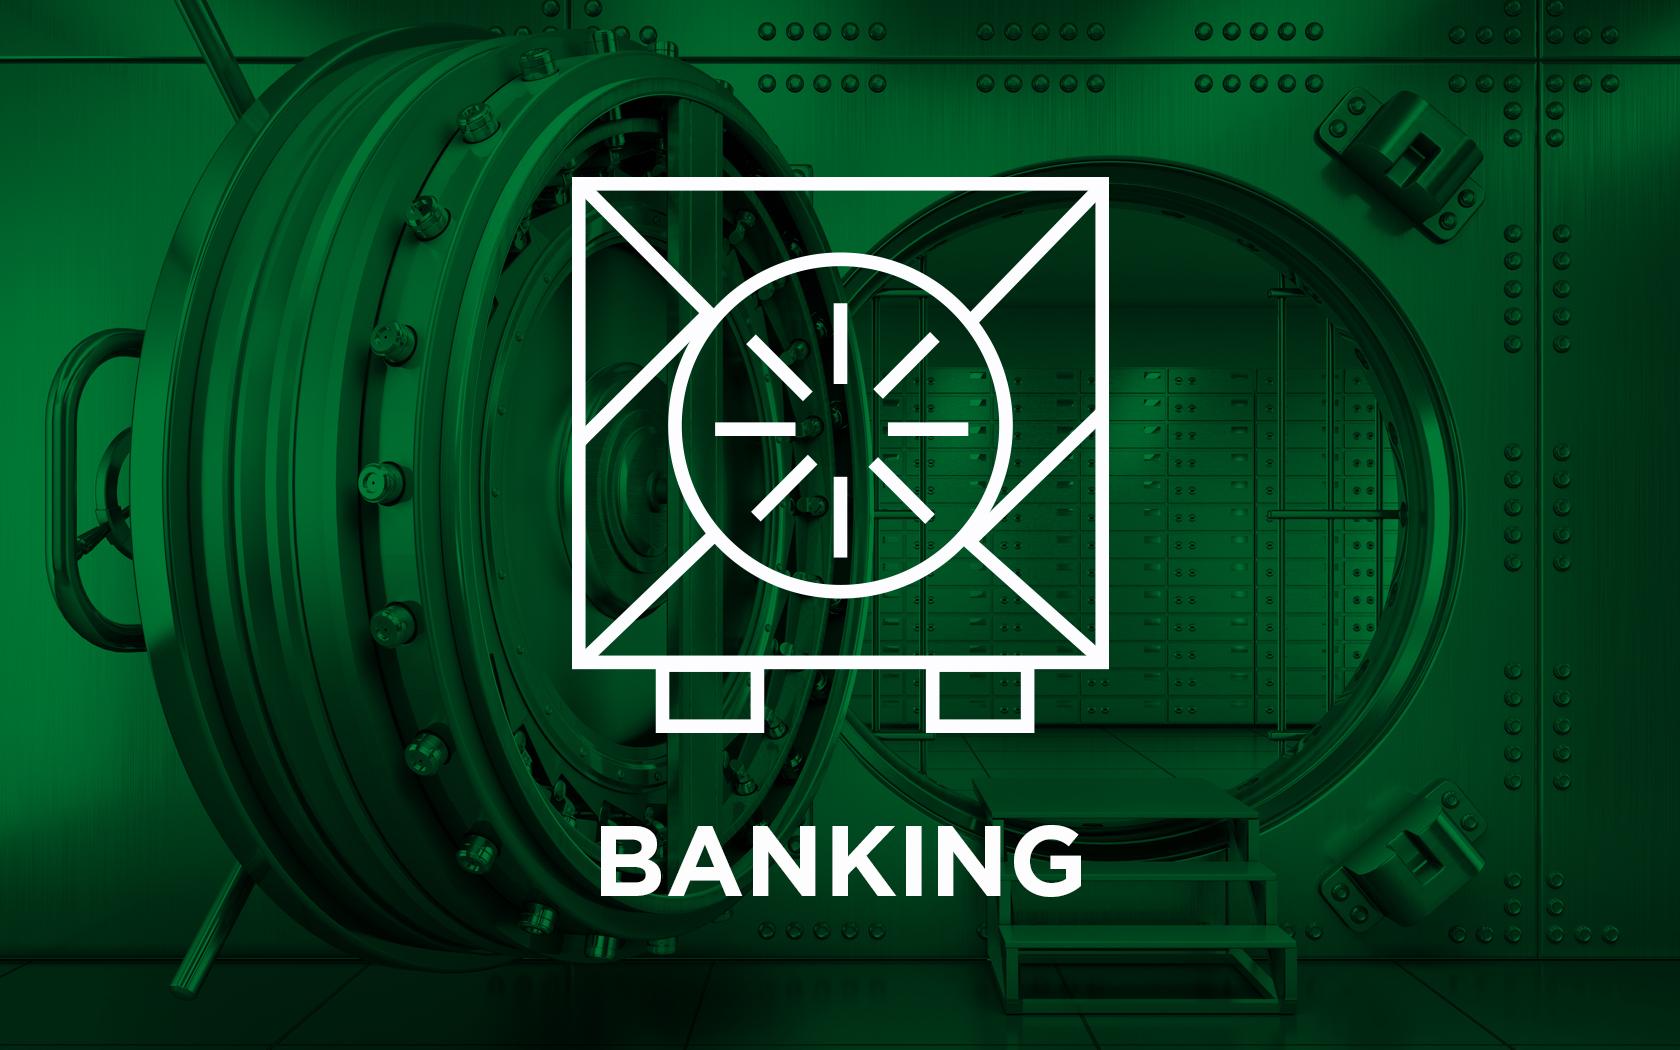 Kologik_Icons_Banking.jpg